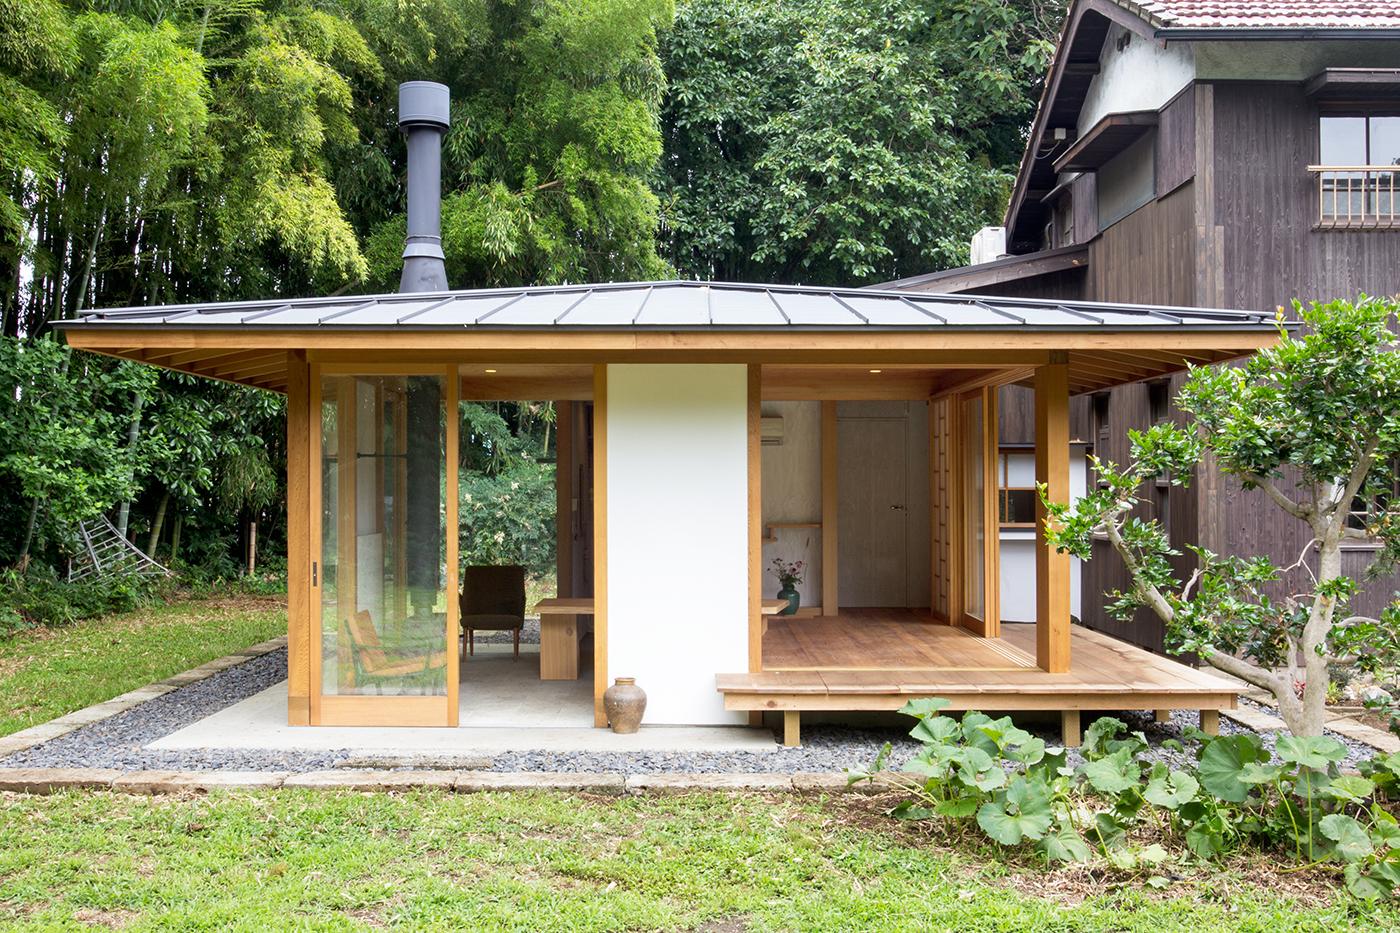 木造、ゲストハウス、薪ストーブ、大谷石、増築、群馬、舘林、一級建築士事務所、建築家、レッドシダー